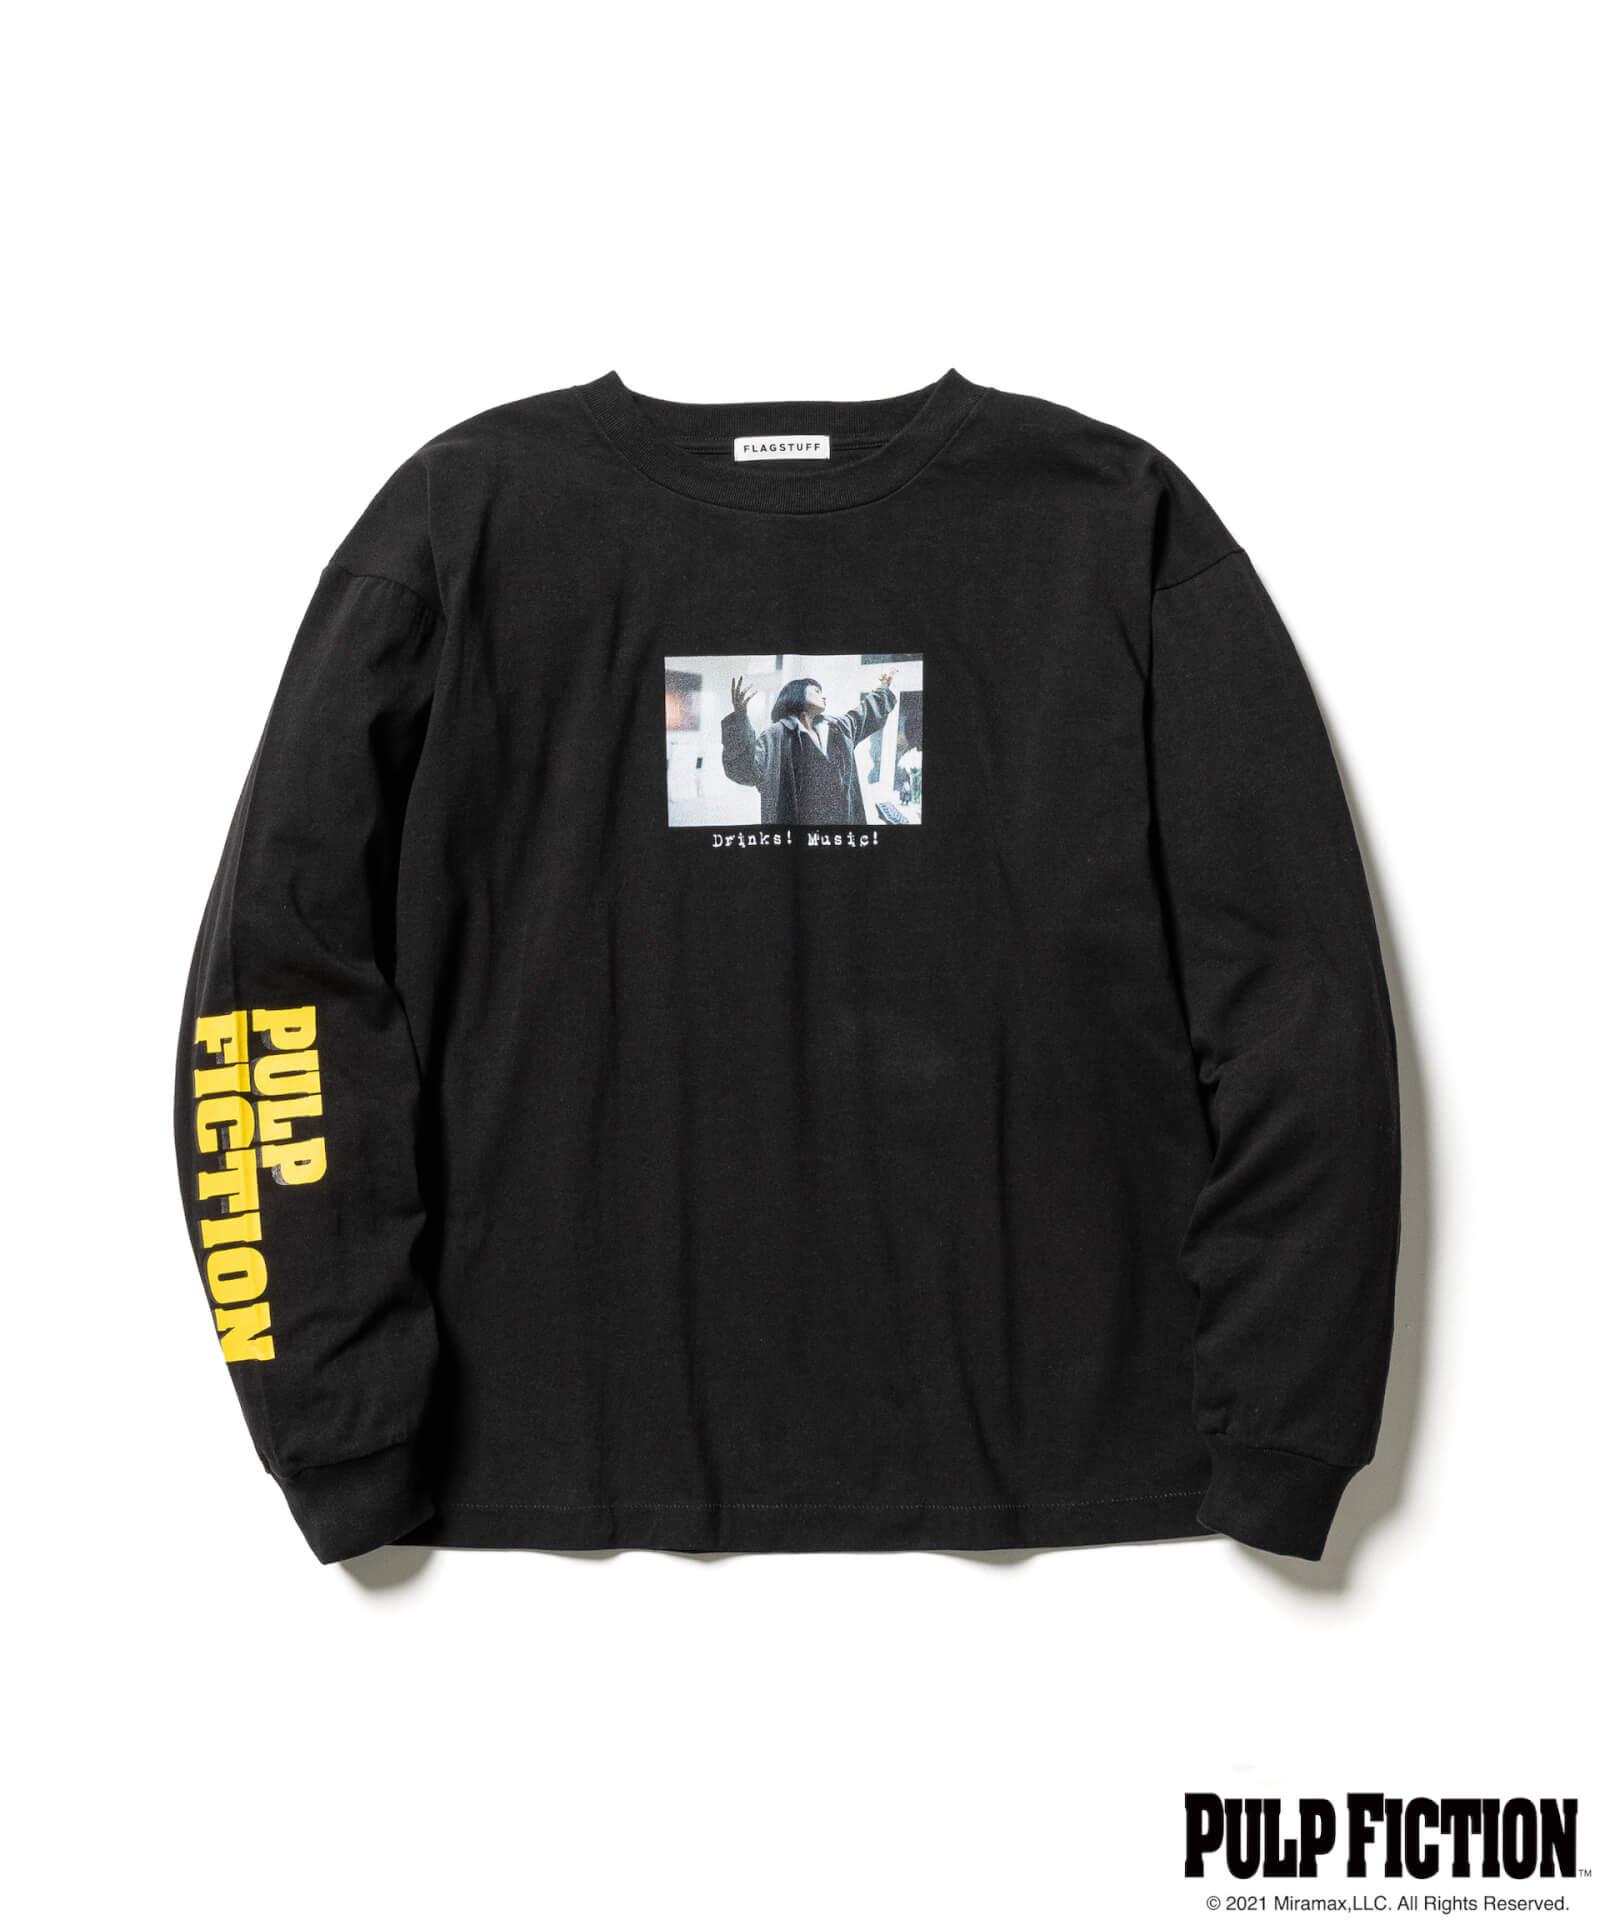 映画『パルプ・フィクション』とF-LAGSTUF-Fのオリジナルアパレルコレクションが発売決定!ユマ・サーマンプリントのTシャツも fashion211006_fs-pf-01